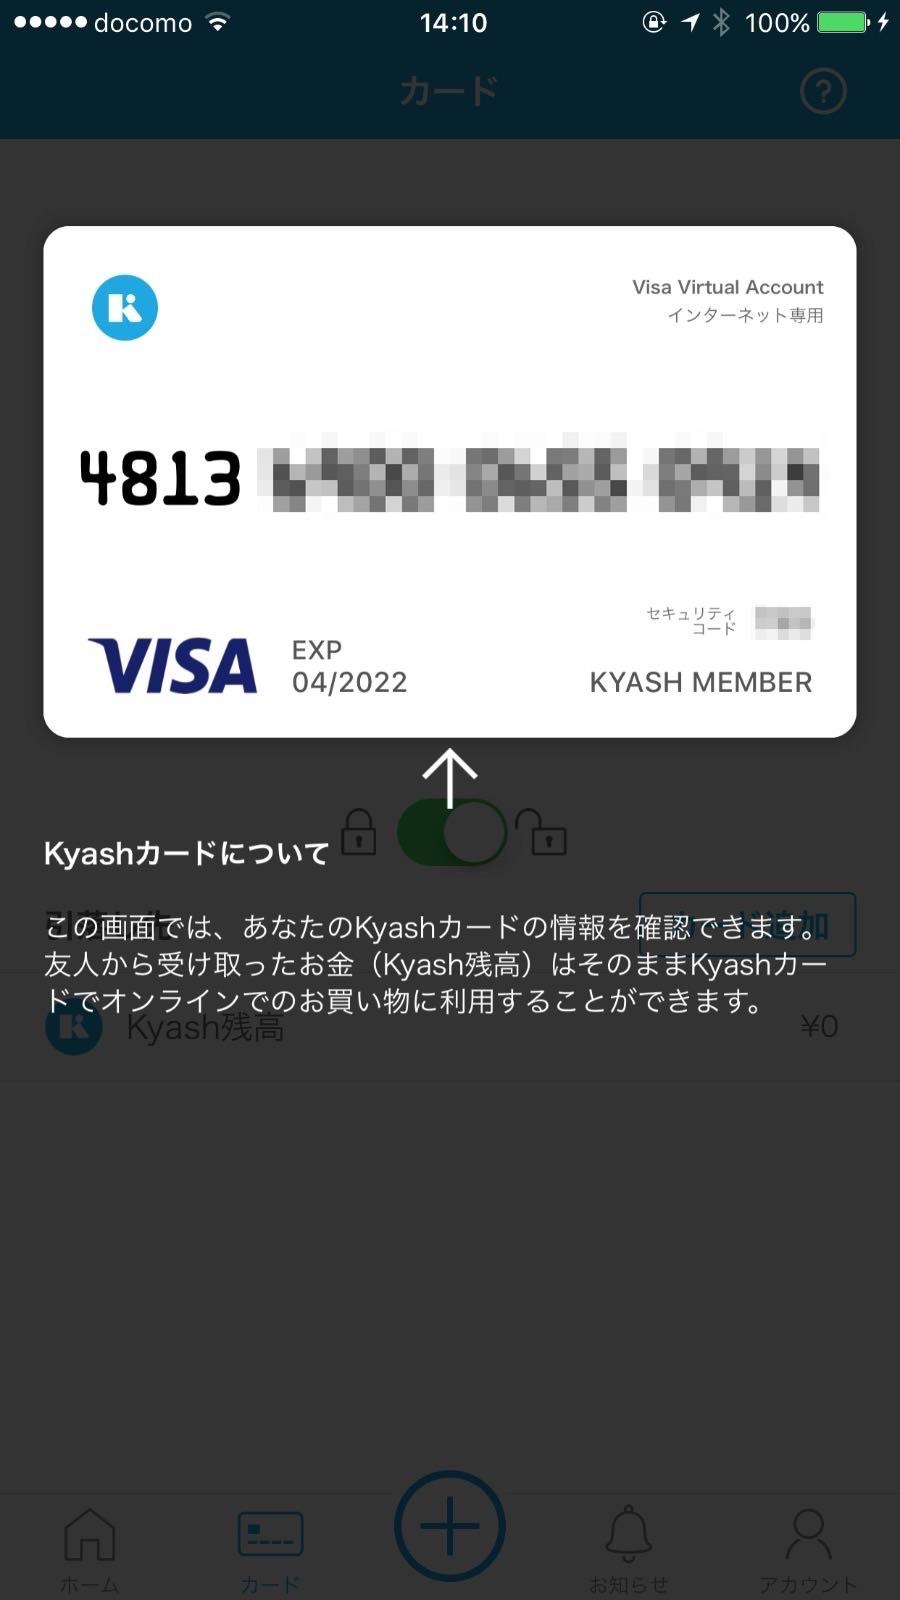 Kyash 9338